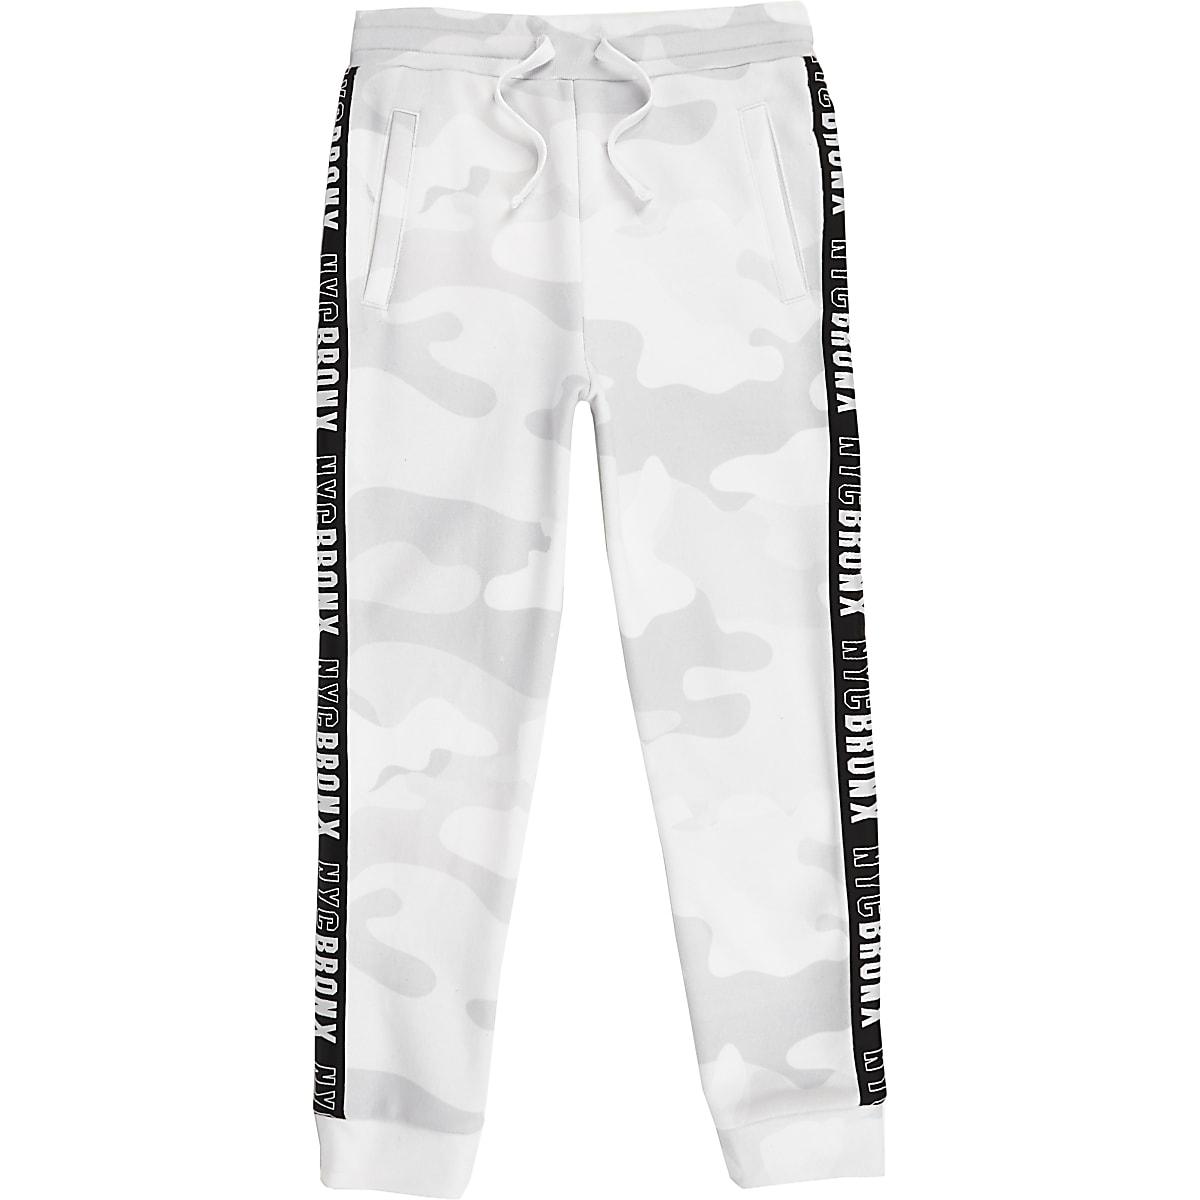 Witte Joggingbroek Heren.Witte Joggingbroek Met Camouflageprint En Band Aan De Zijkant Voor